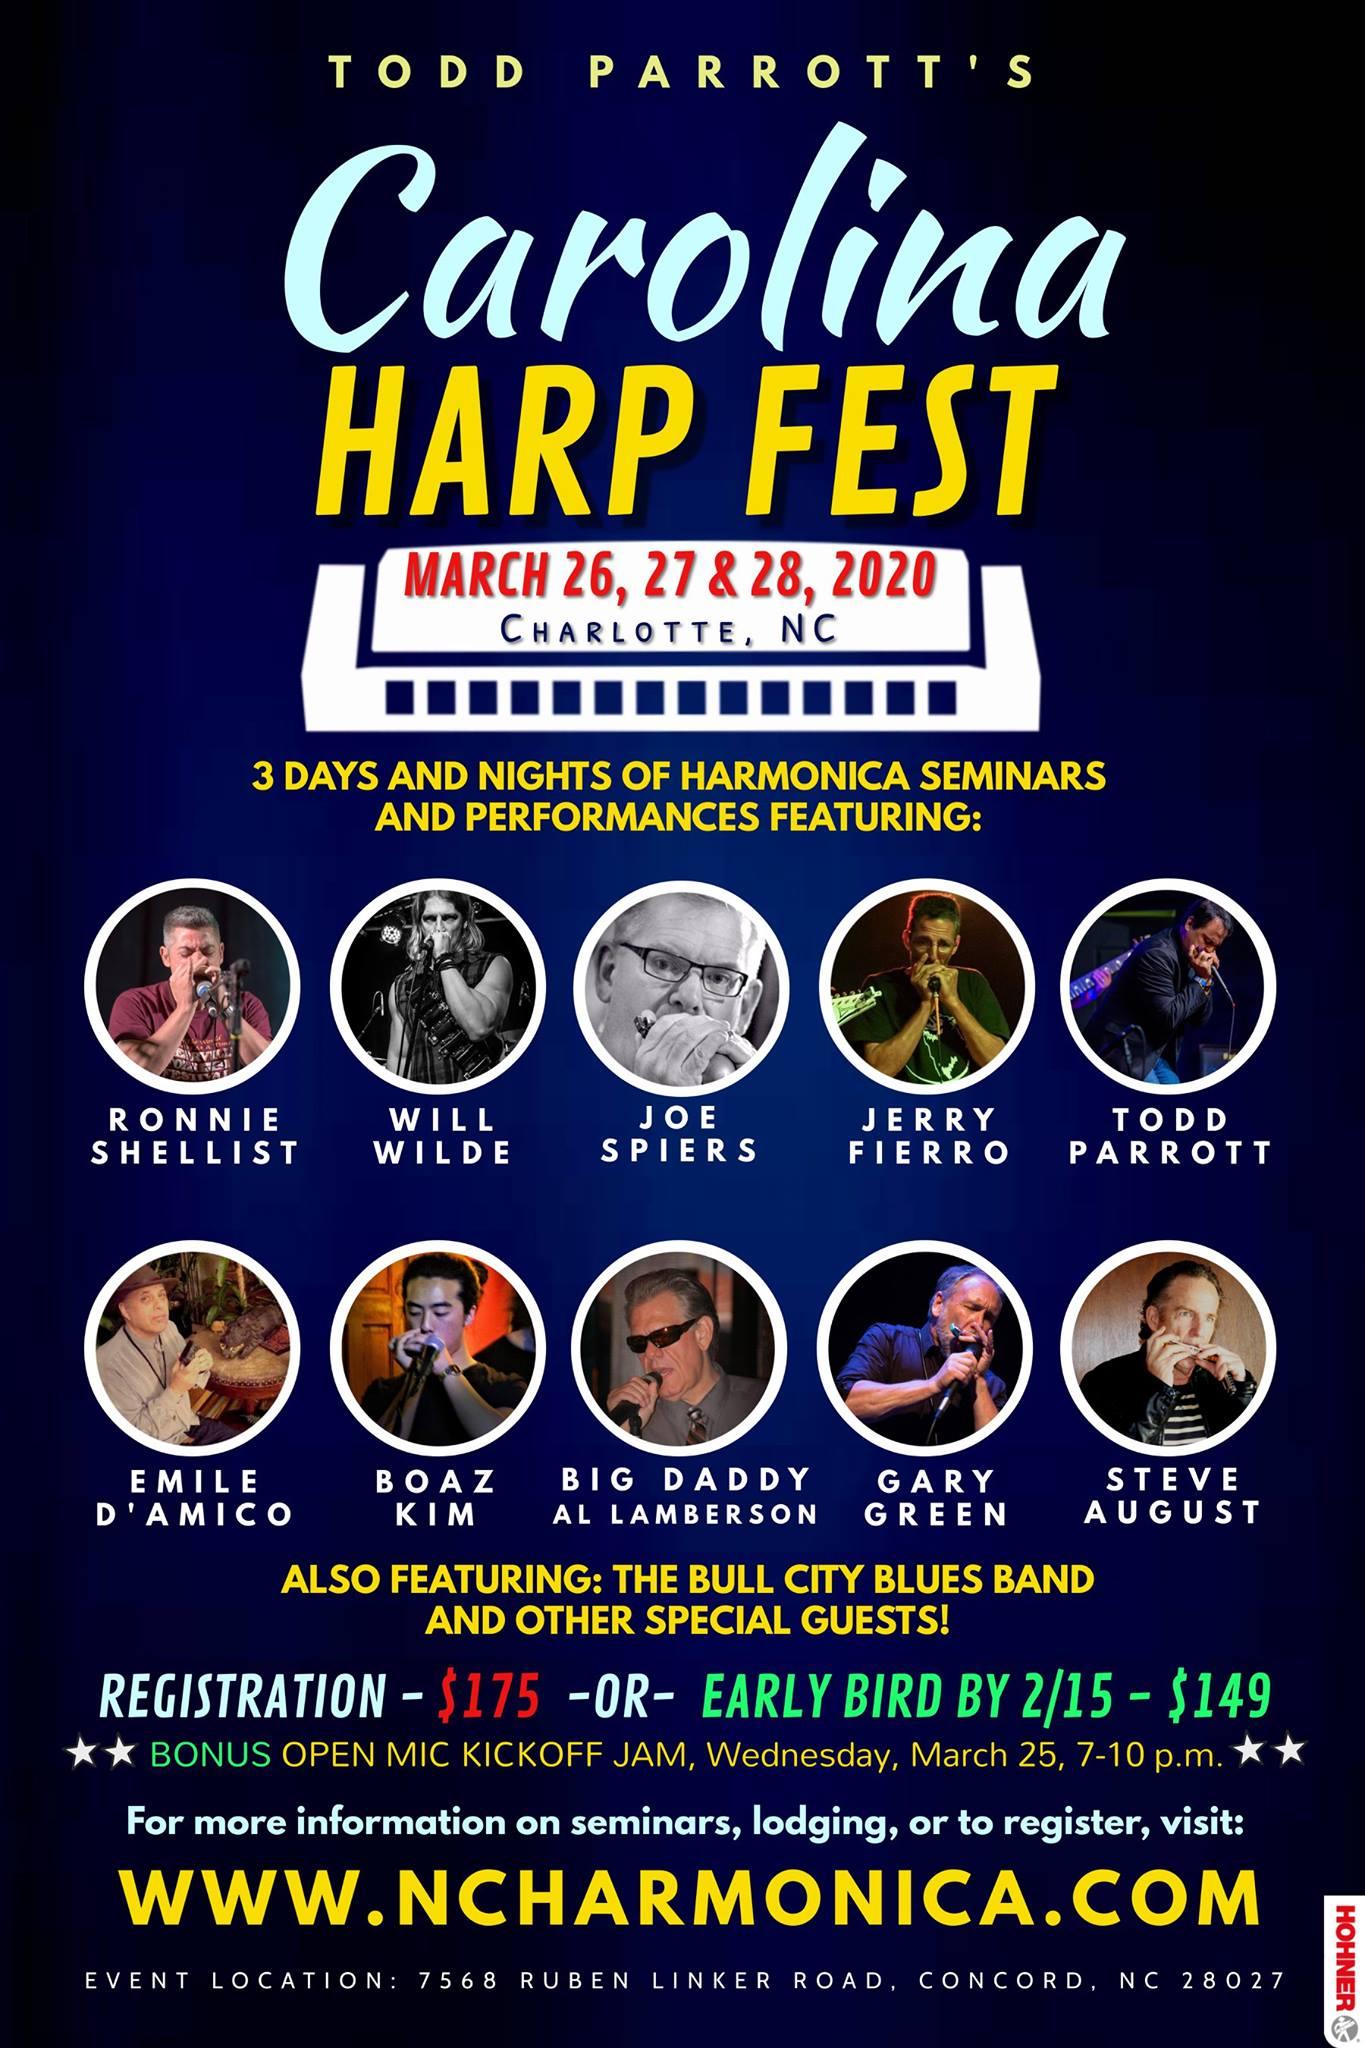 Carolina Harp Fest – Todd Parrott